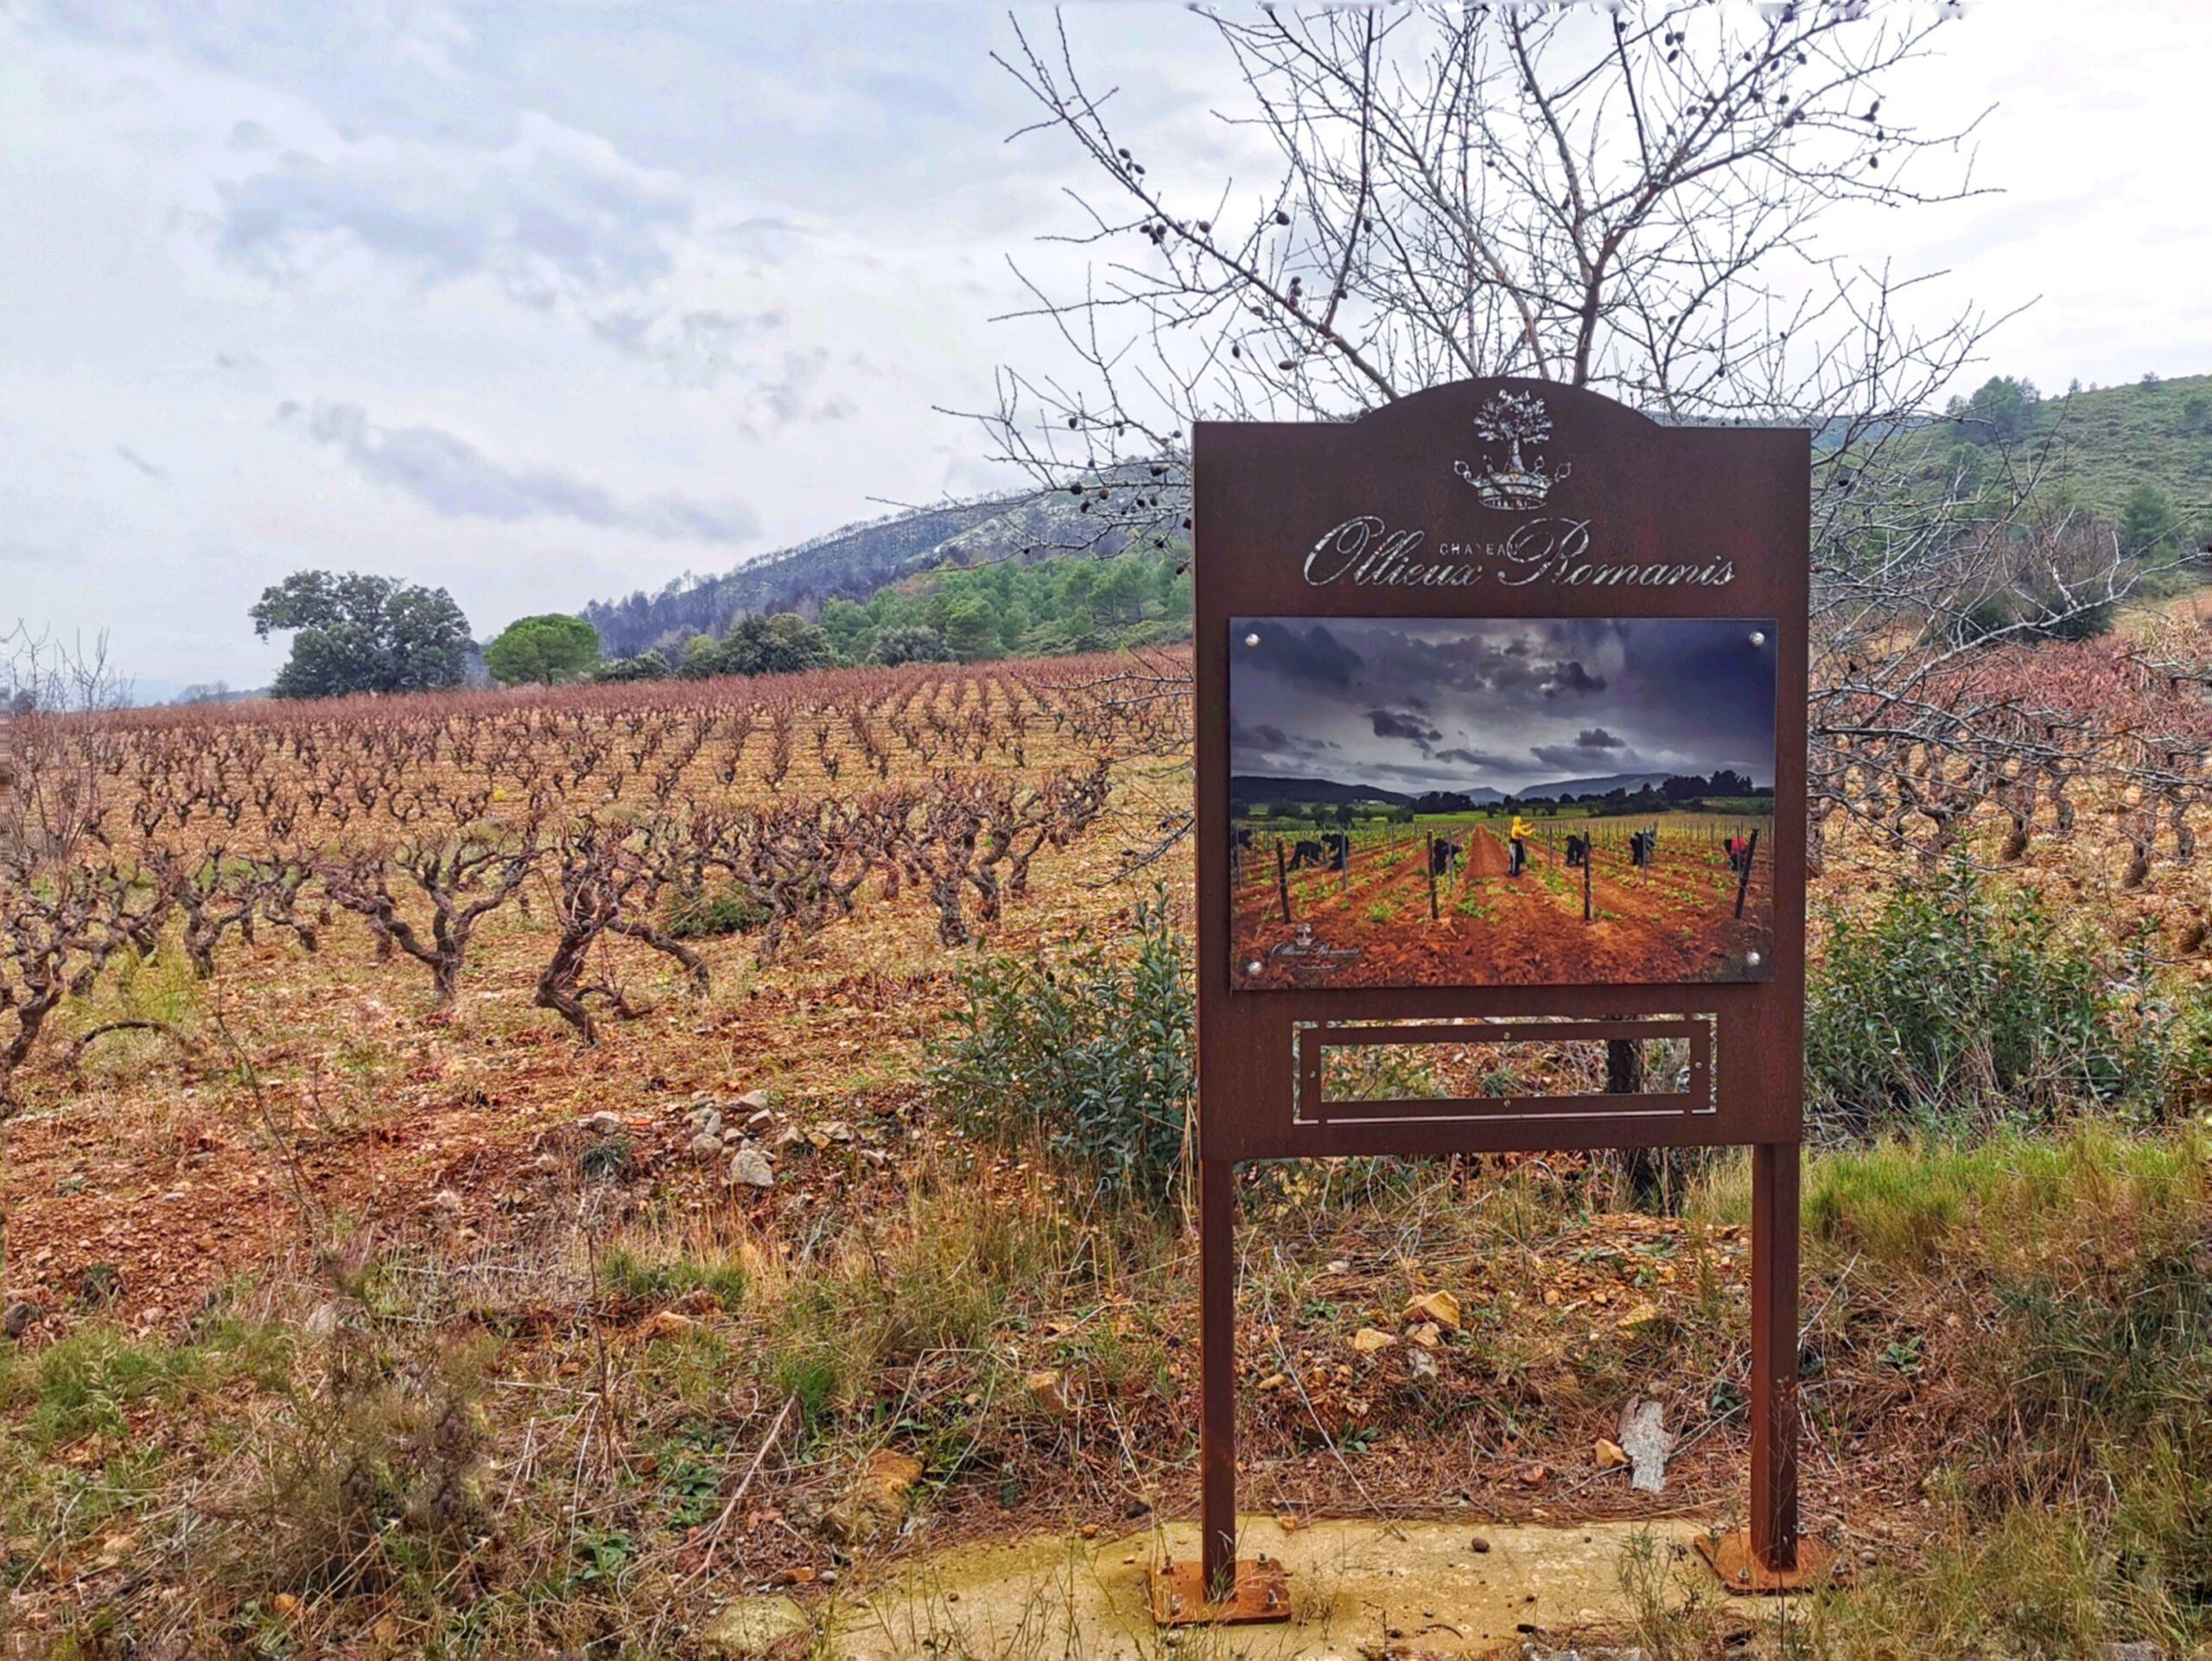 Pierre Bories, vigneron et artisan du renouveau à Corbières